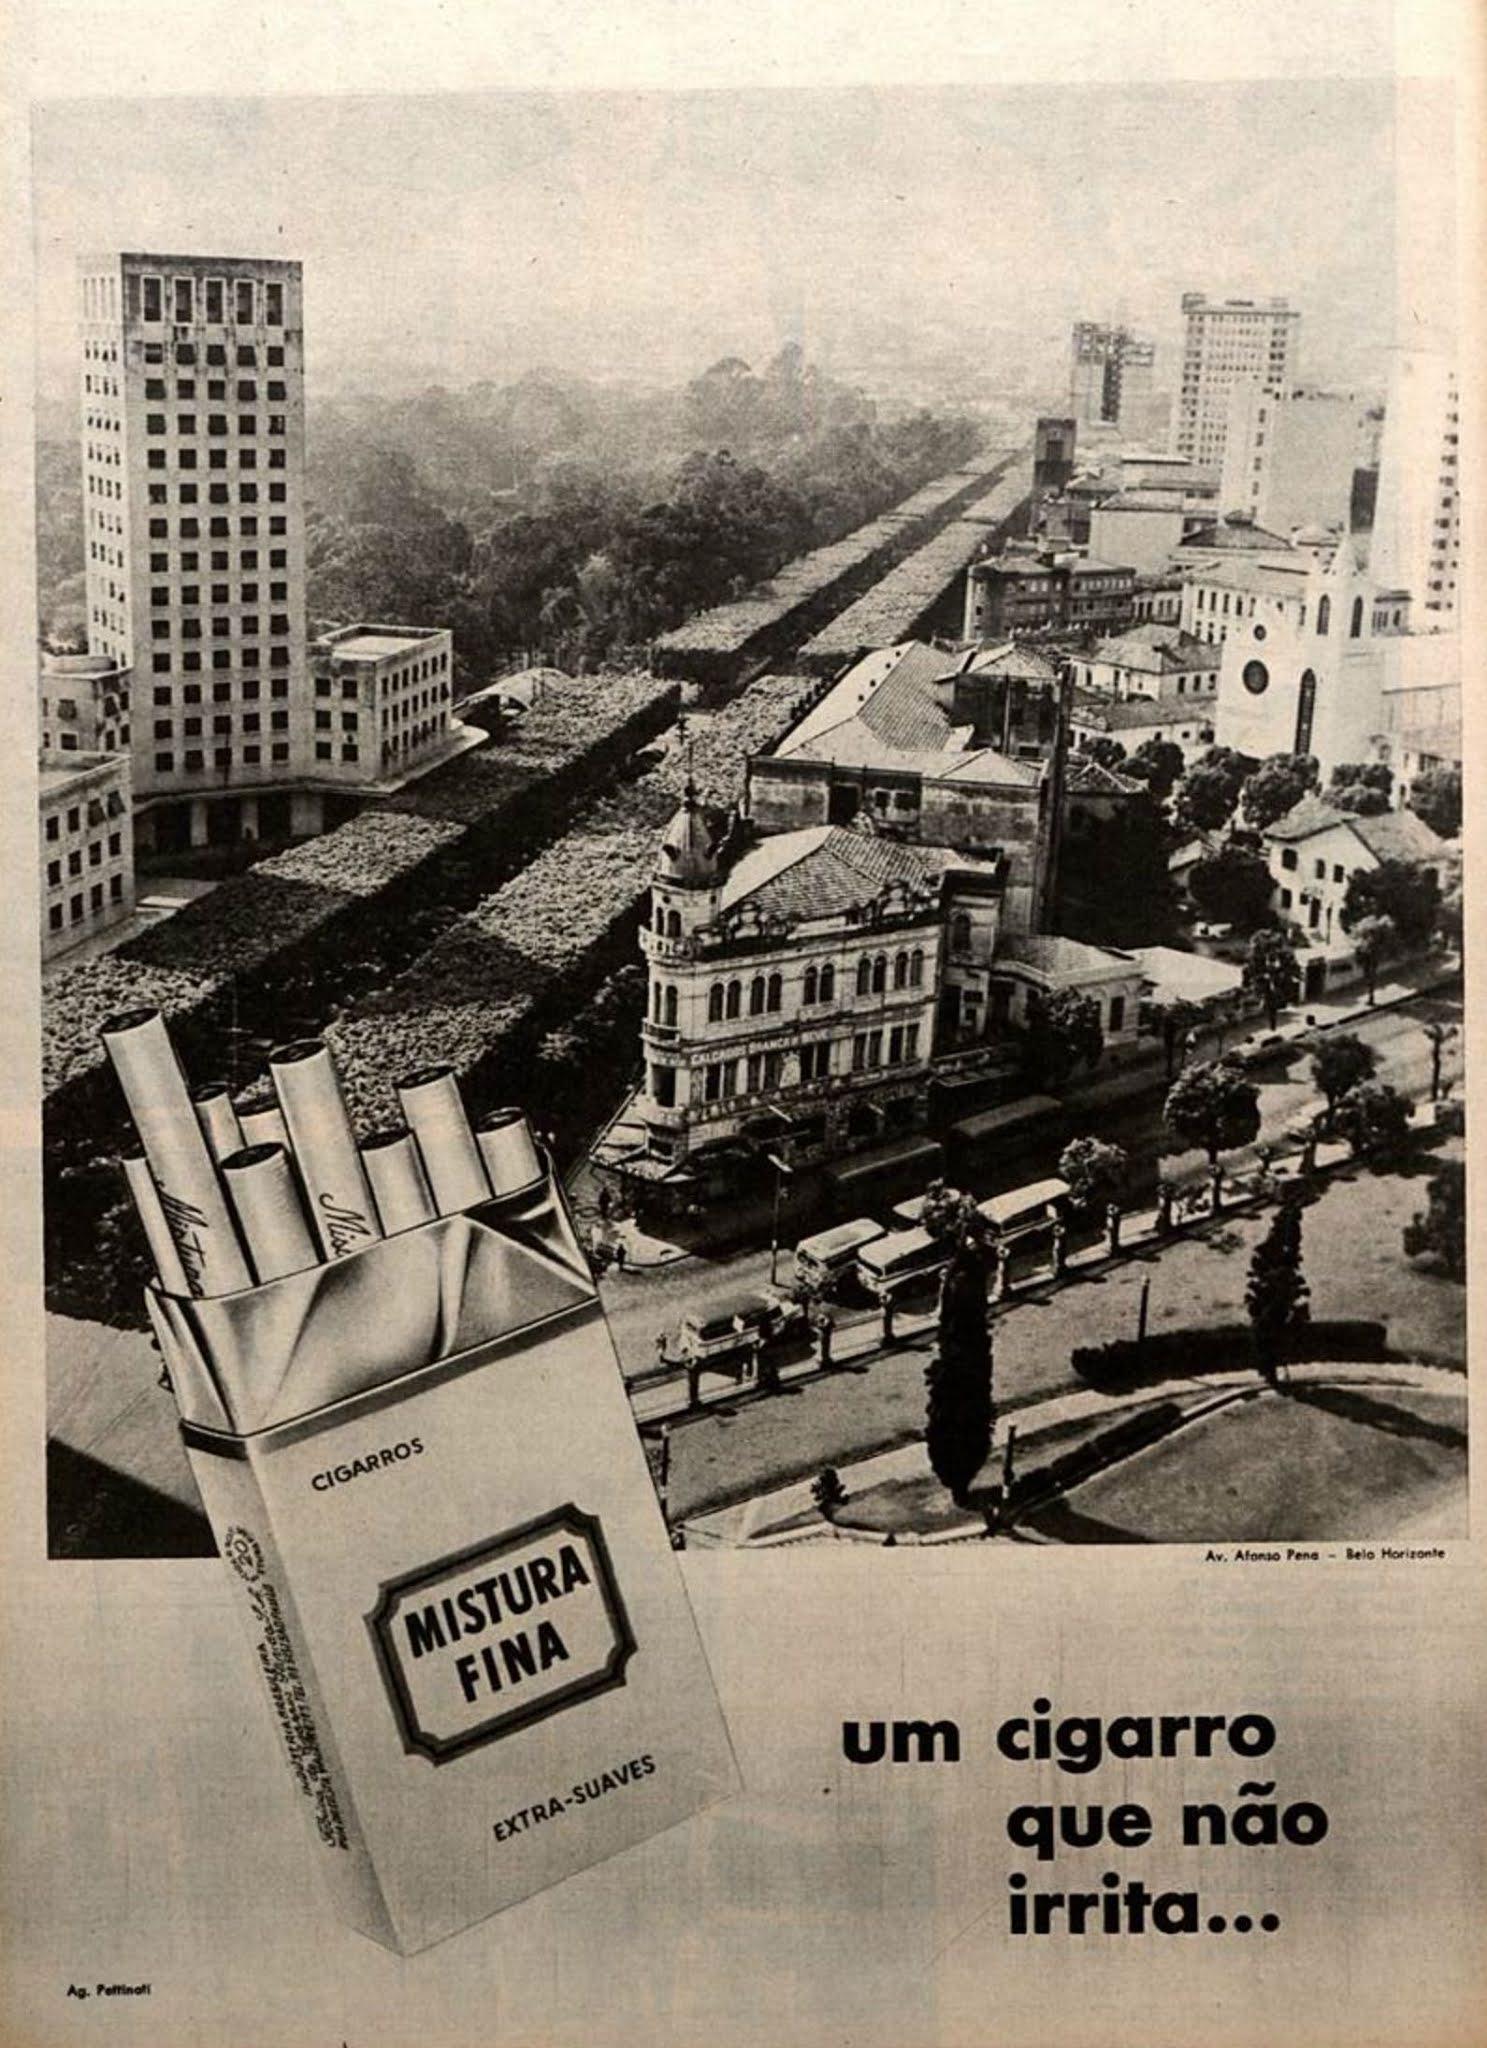 Anúncio antigo dos Cigarros Mistura Fina apresentando a cidade de Belo Horizonte em 1964